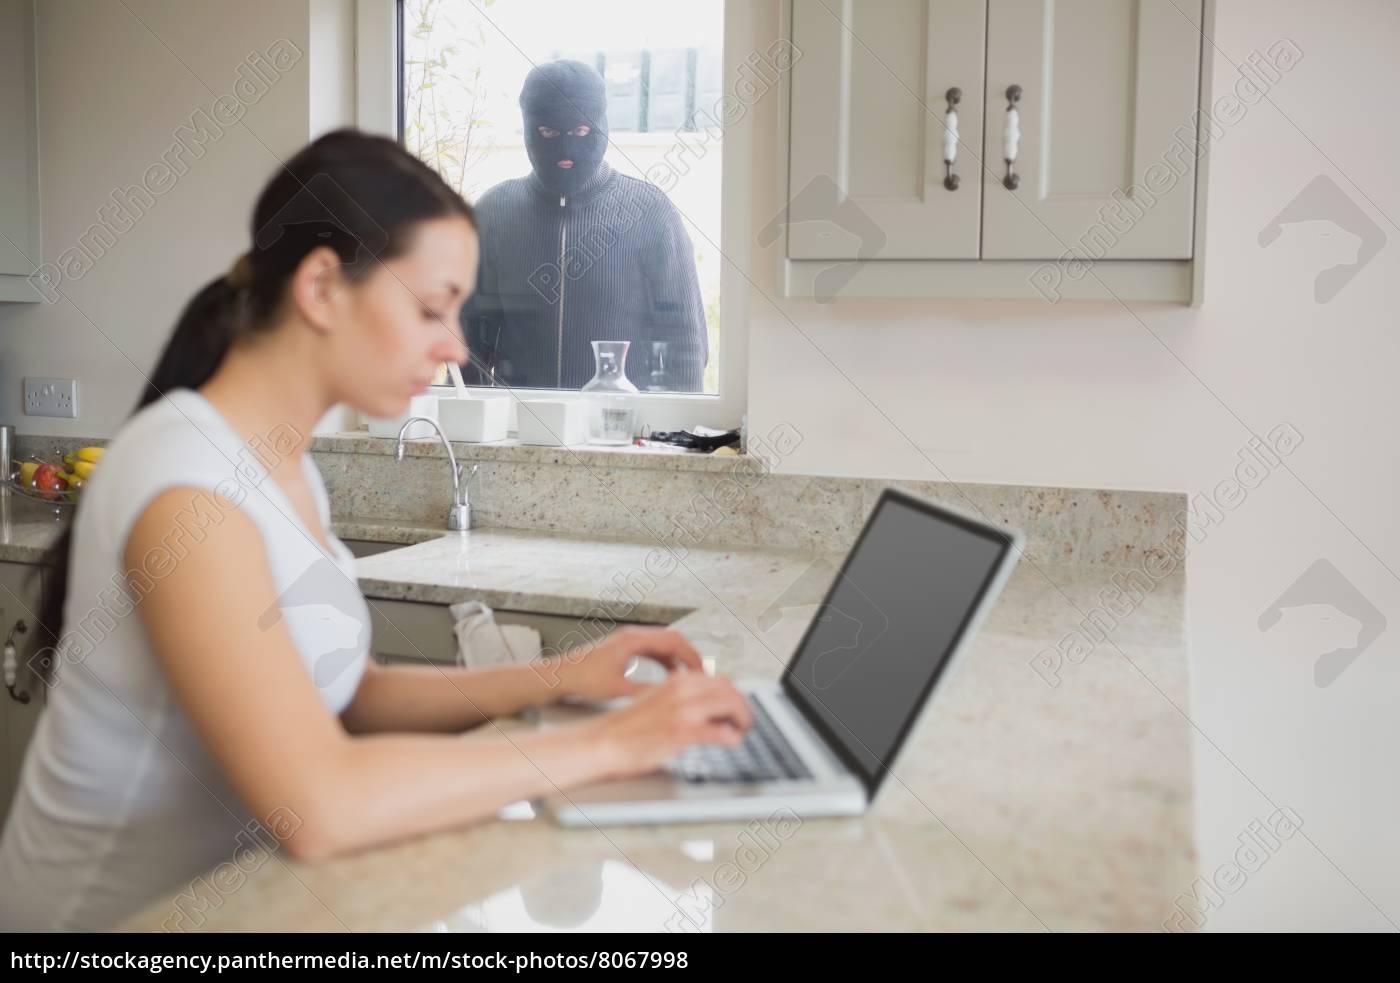 einbrecher, beobachten, frau, die, auf, einem, laptop - 8067998